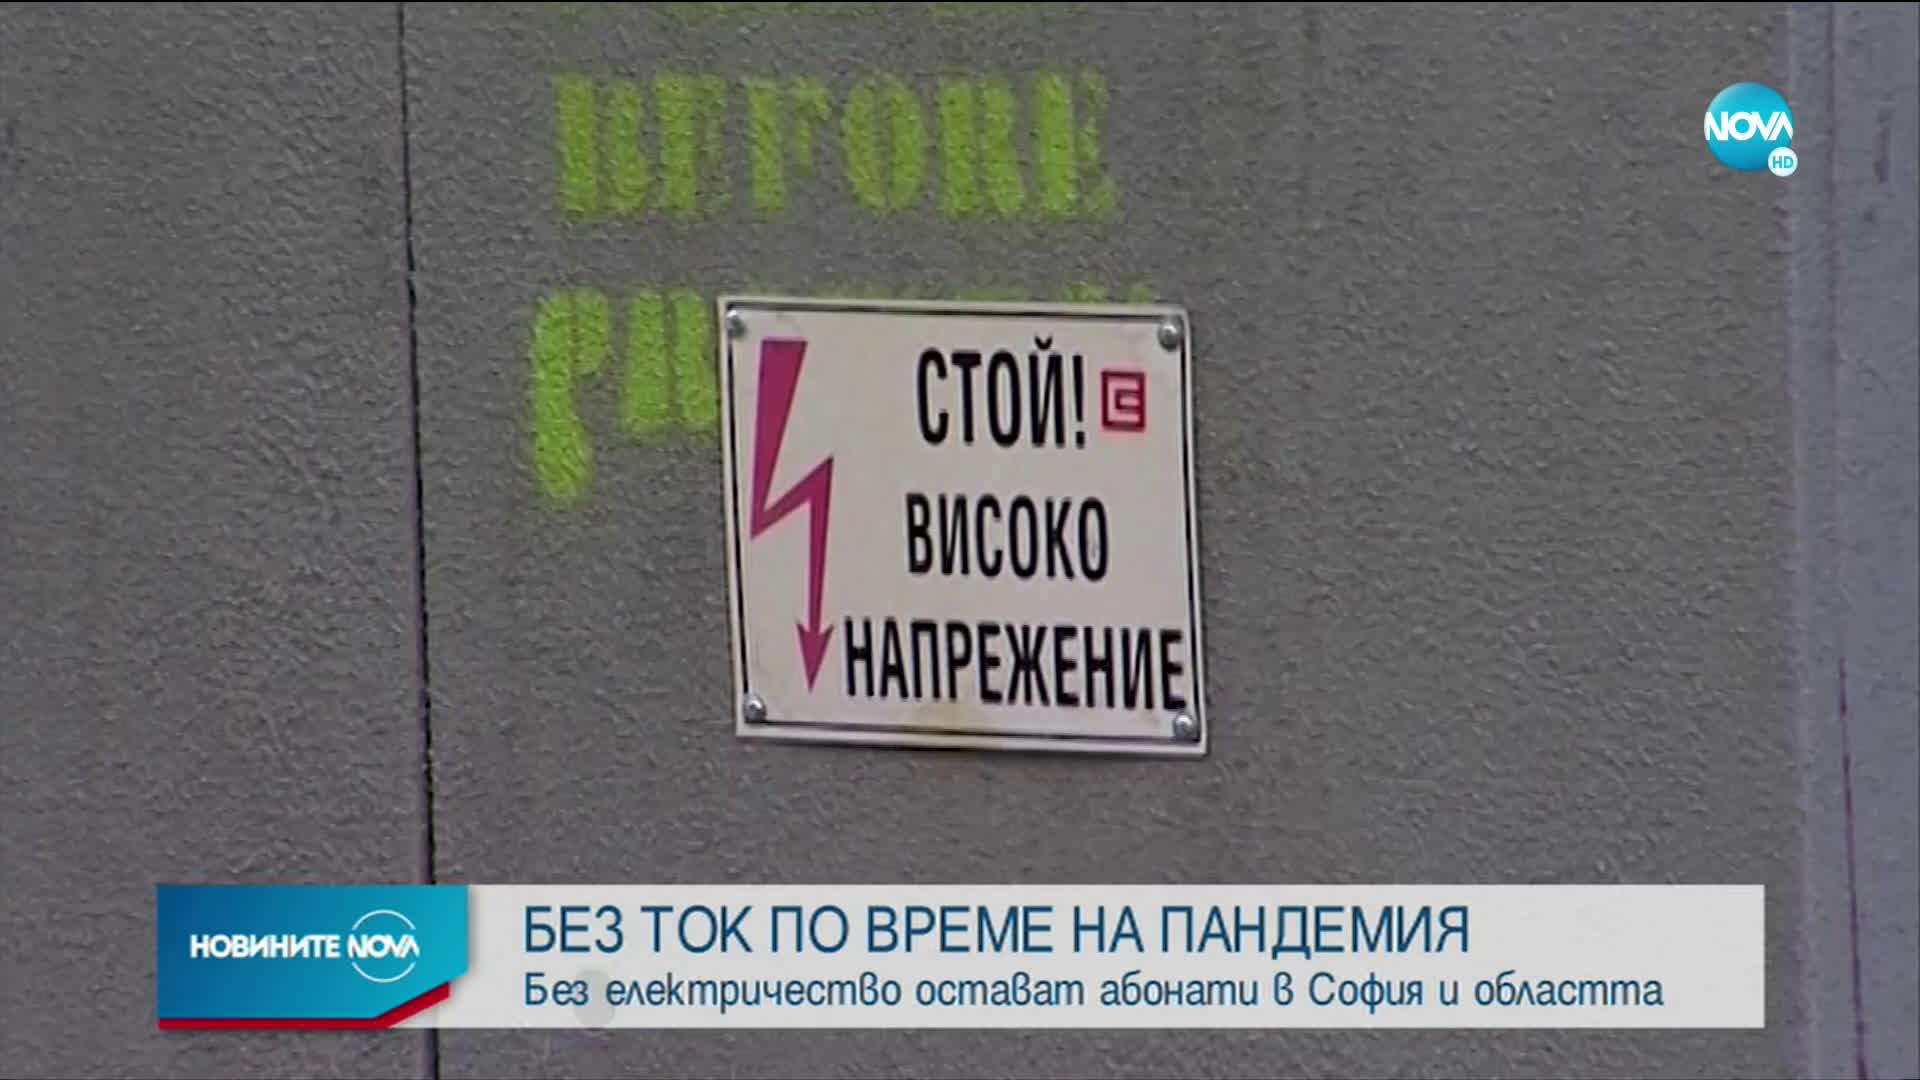 Недоволство заради планирани прекъсвания на тока в няколко квартала в София